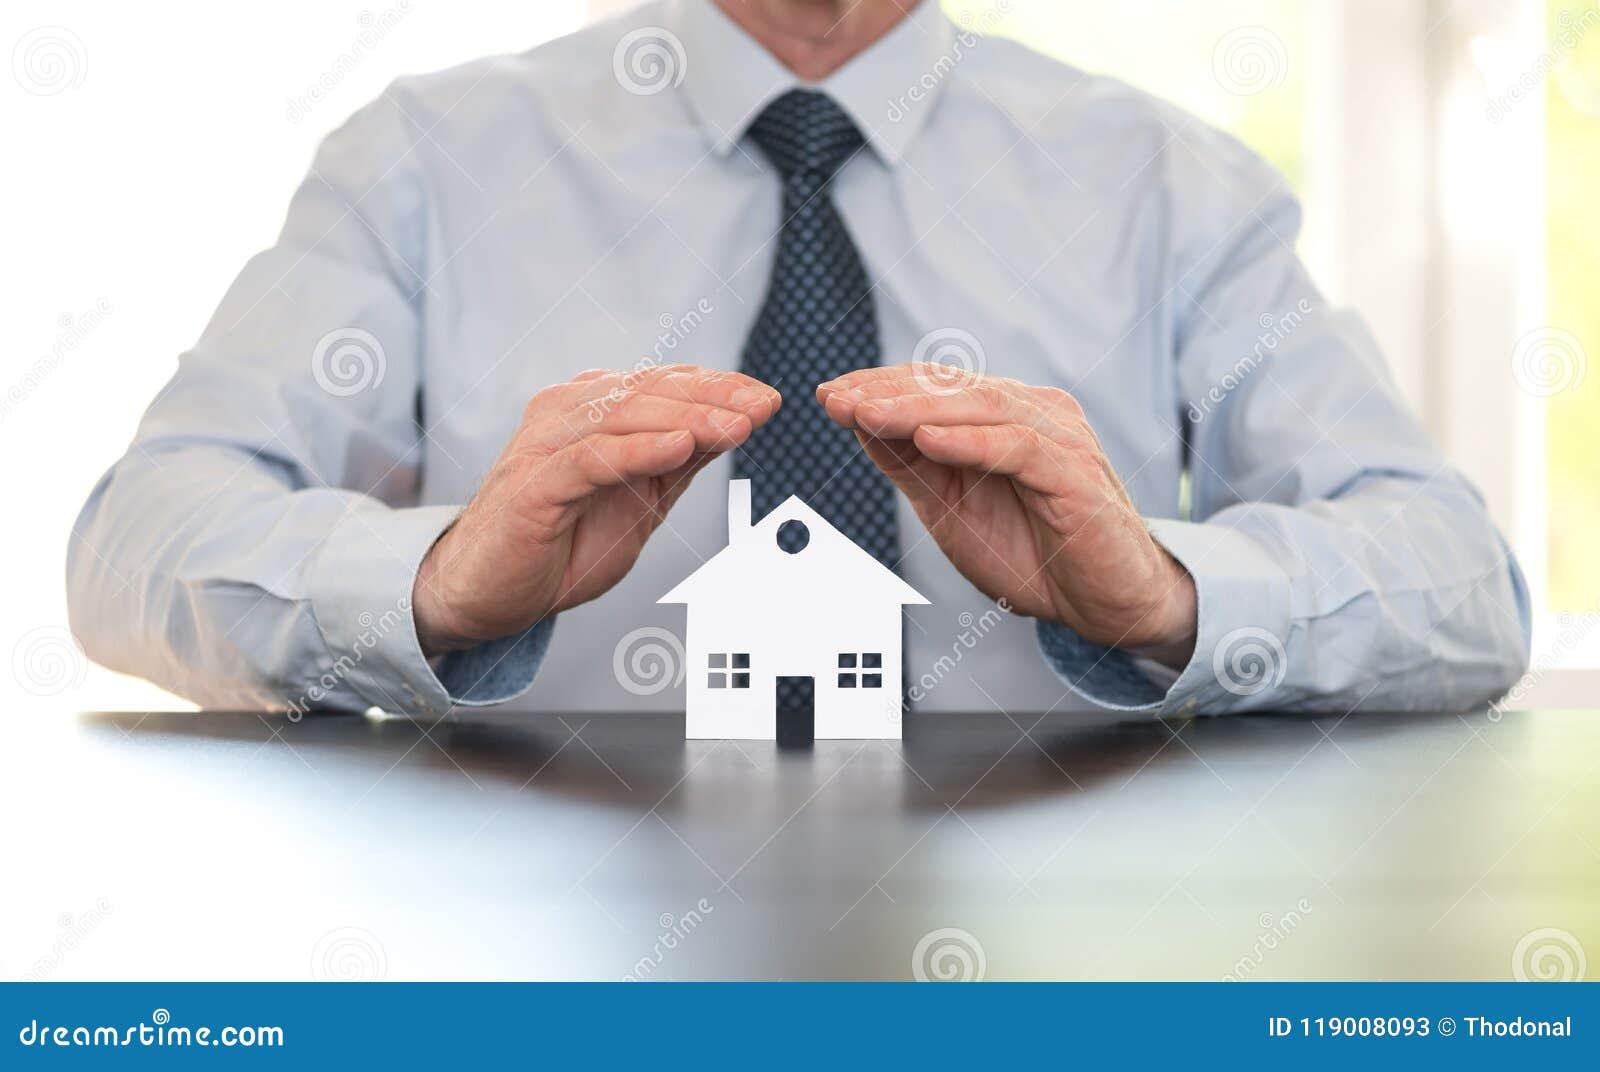 Símbolo do seguro home